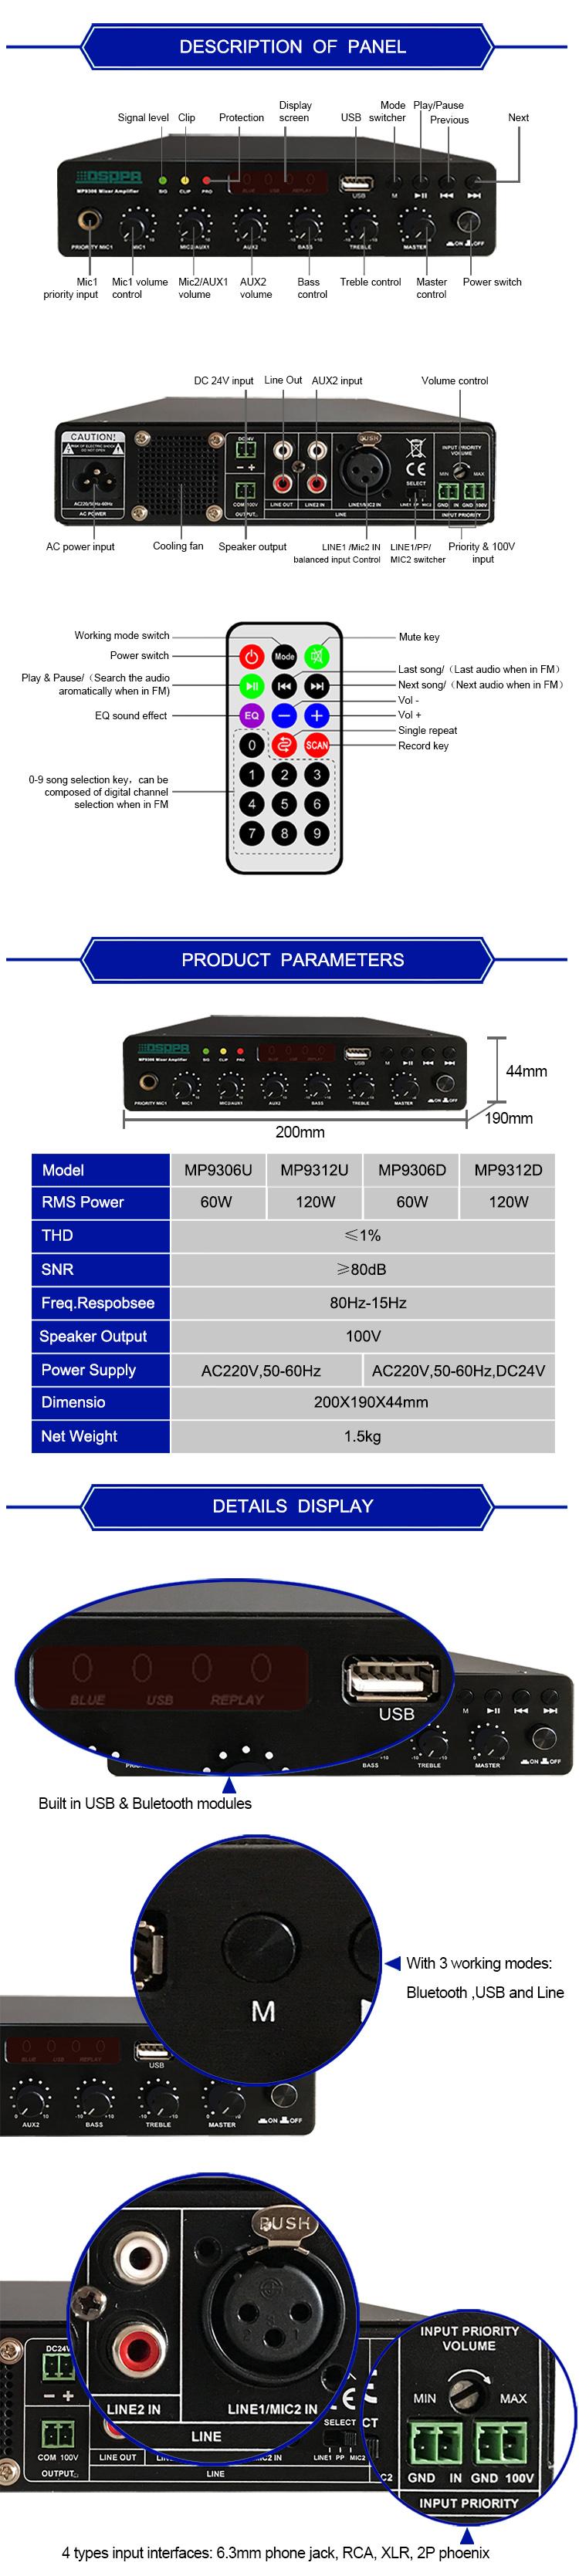 MP9306D 60W Ultra-thin Digital Mixer Amplifier